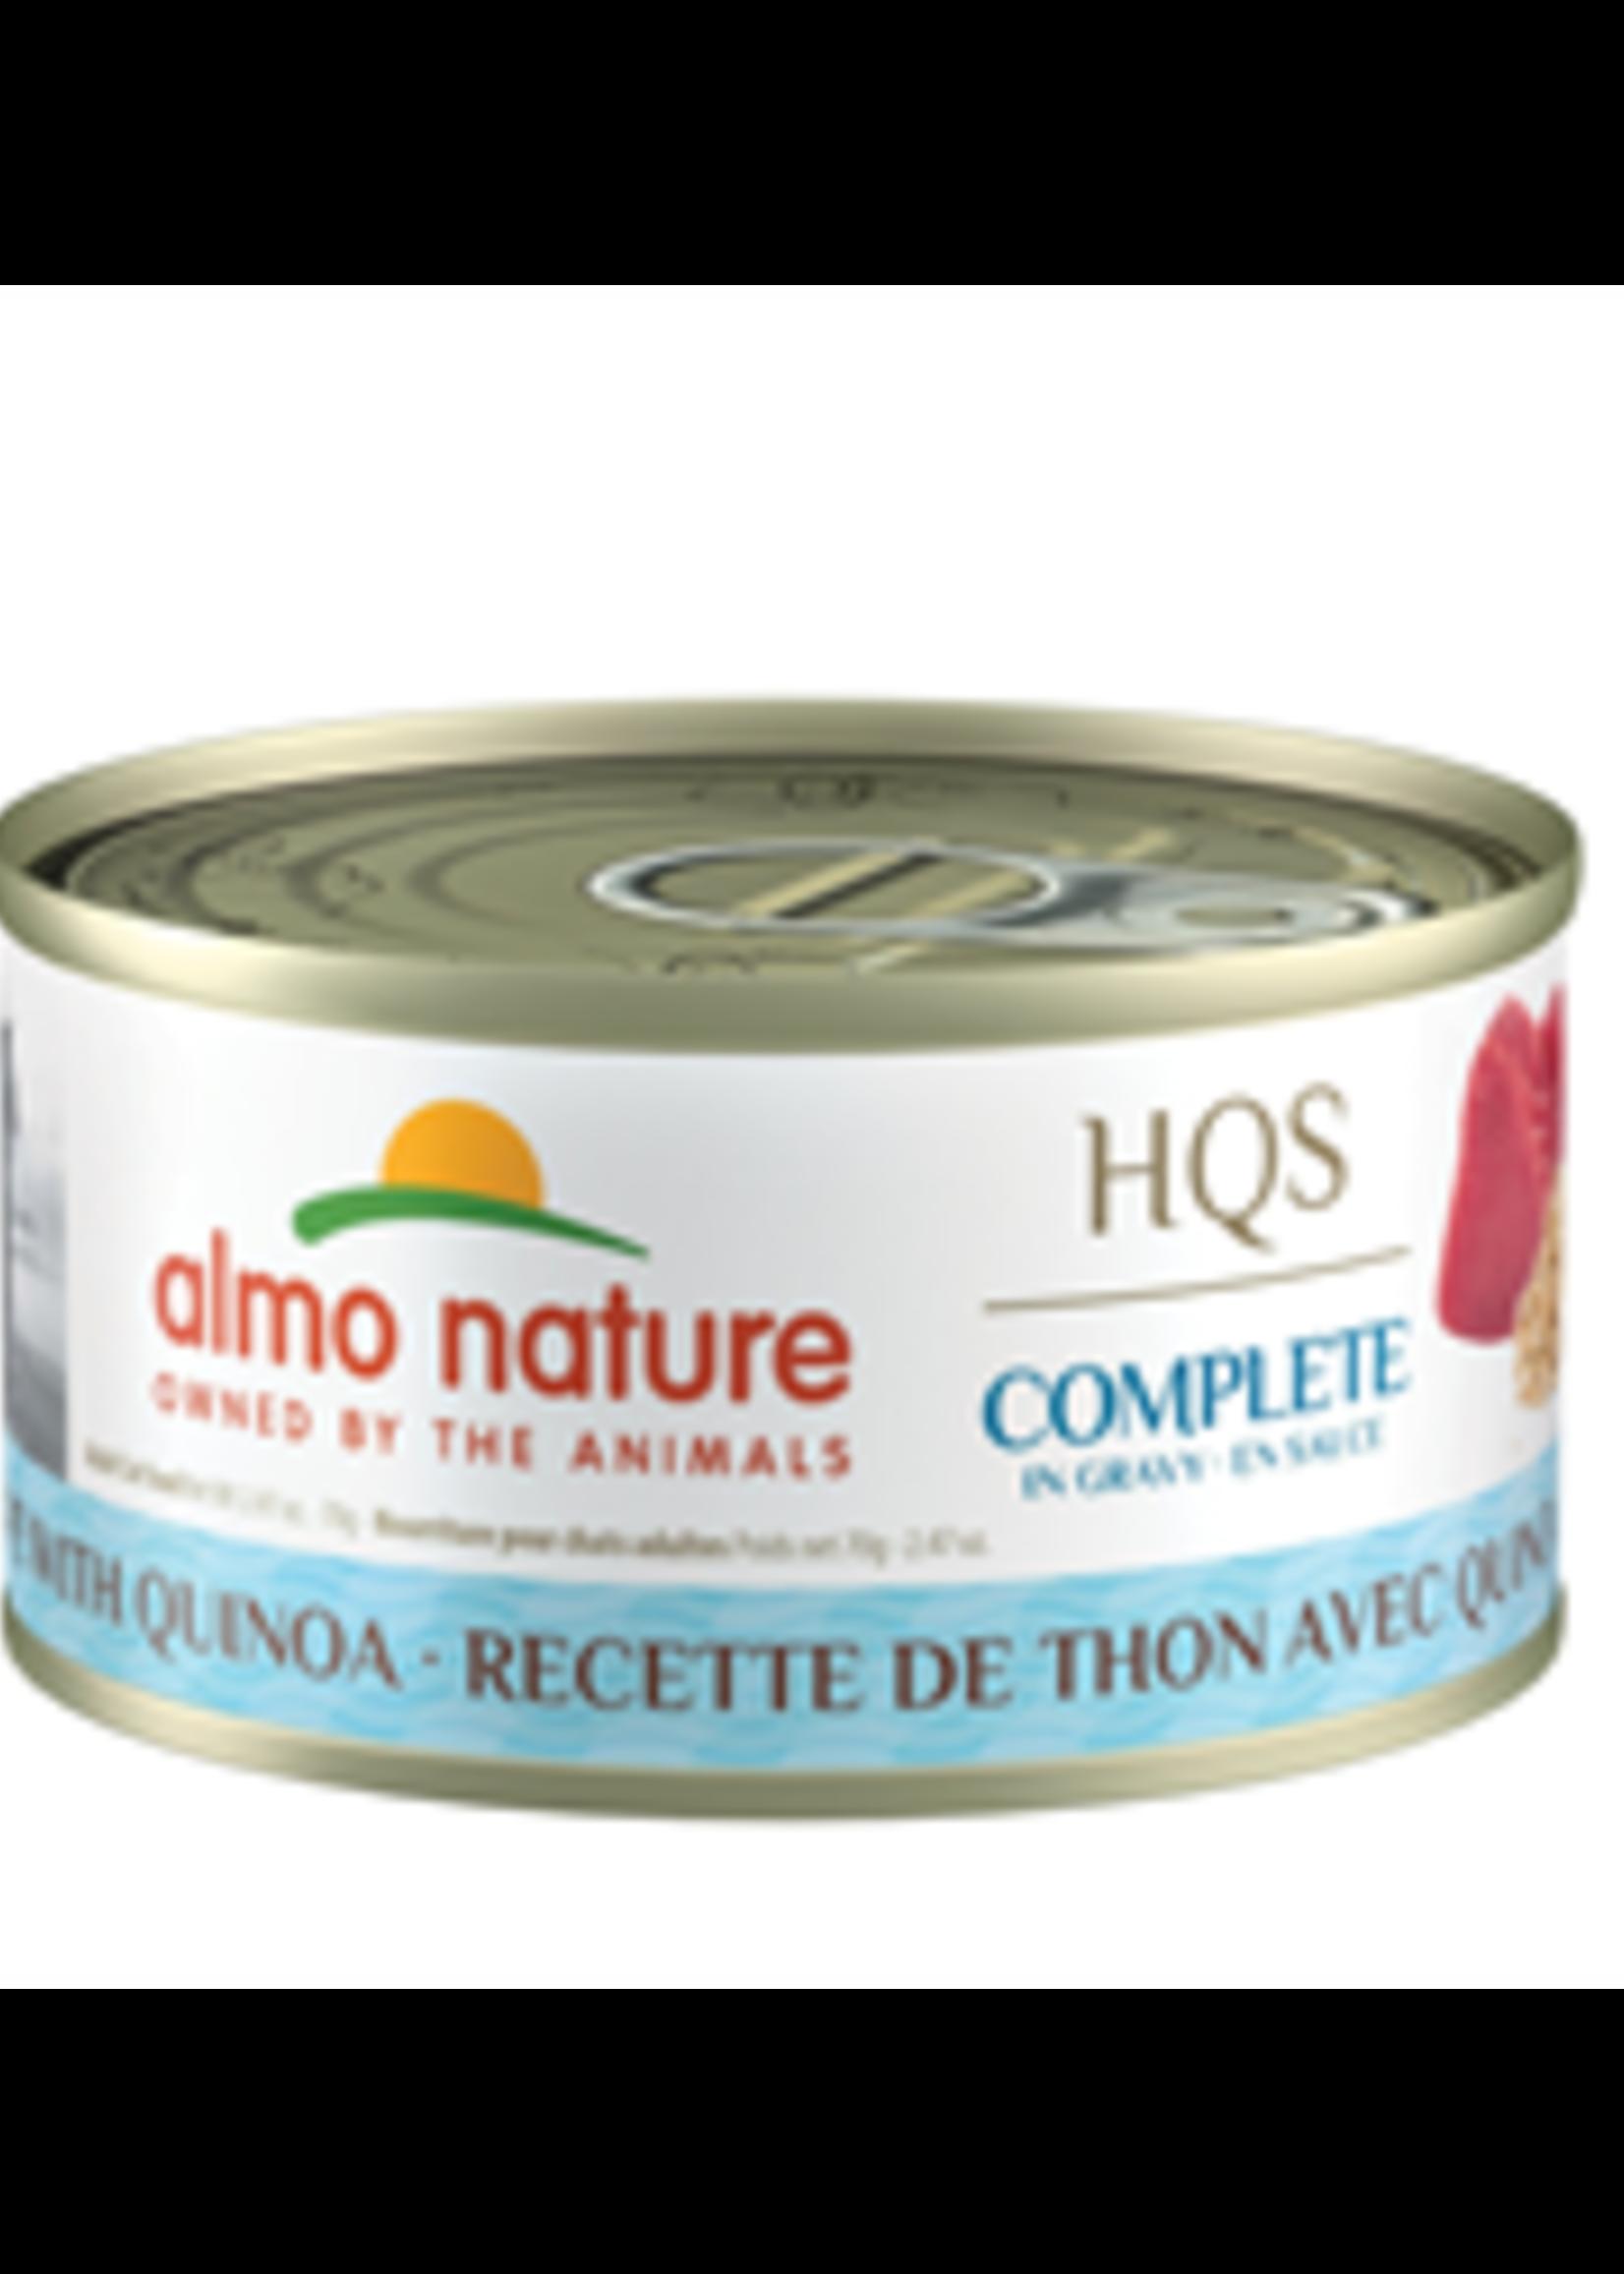 Almo Nature© Almo Nature HQS Complete Tuna Recipe with Quinoa in Gravy 70g